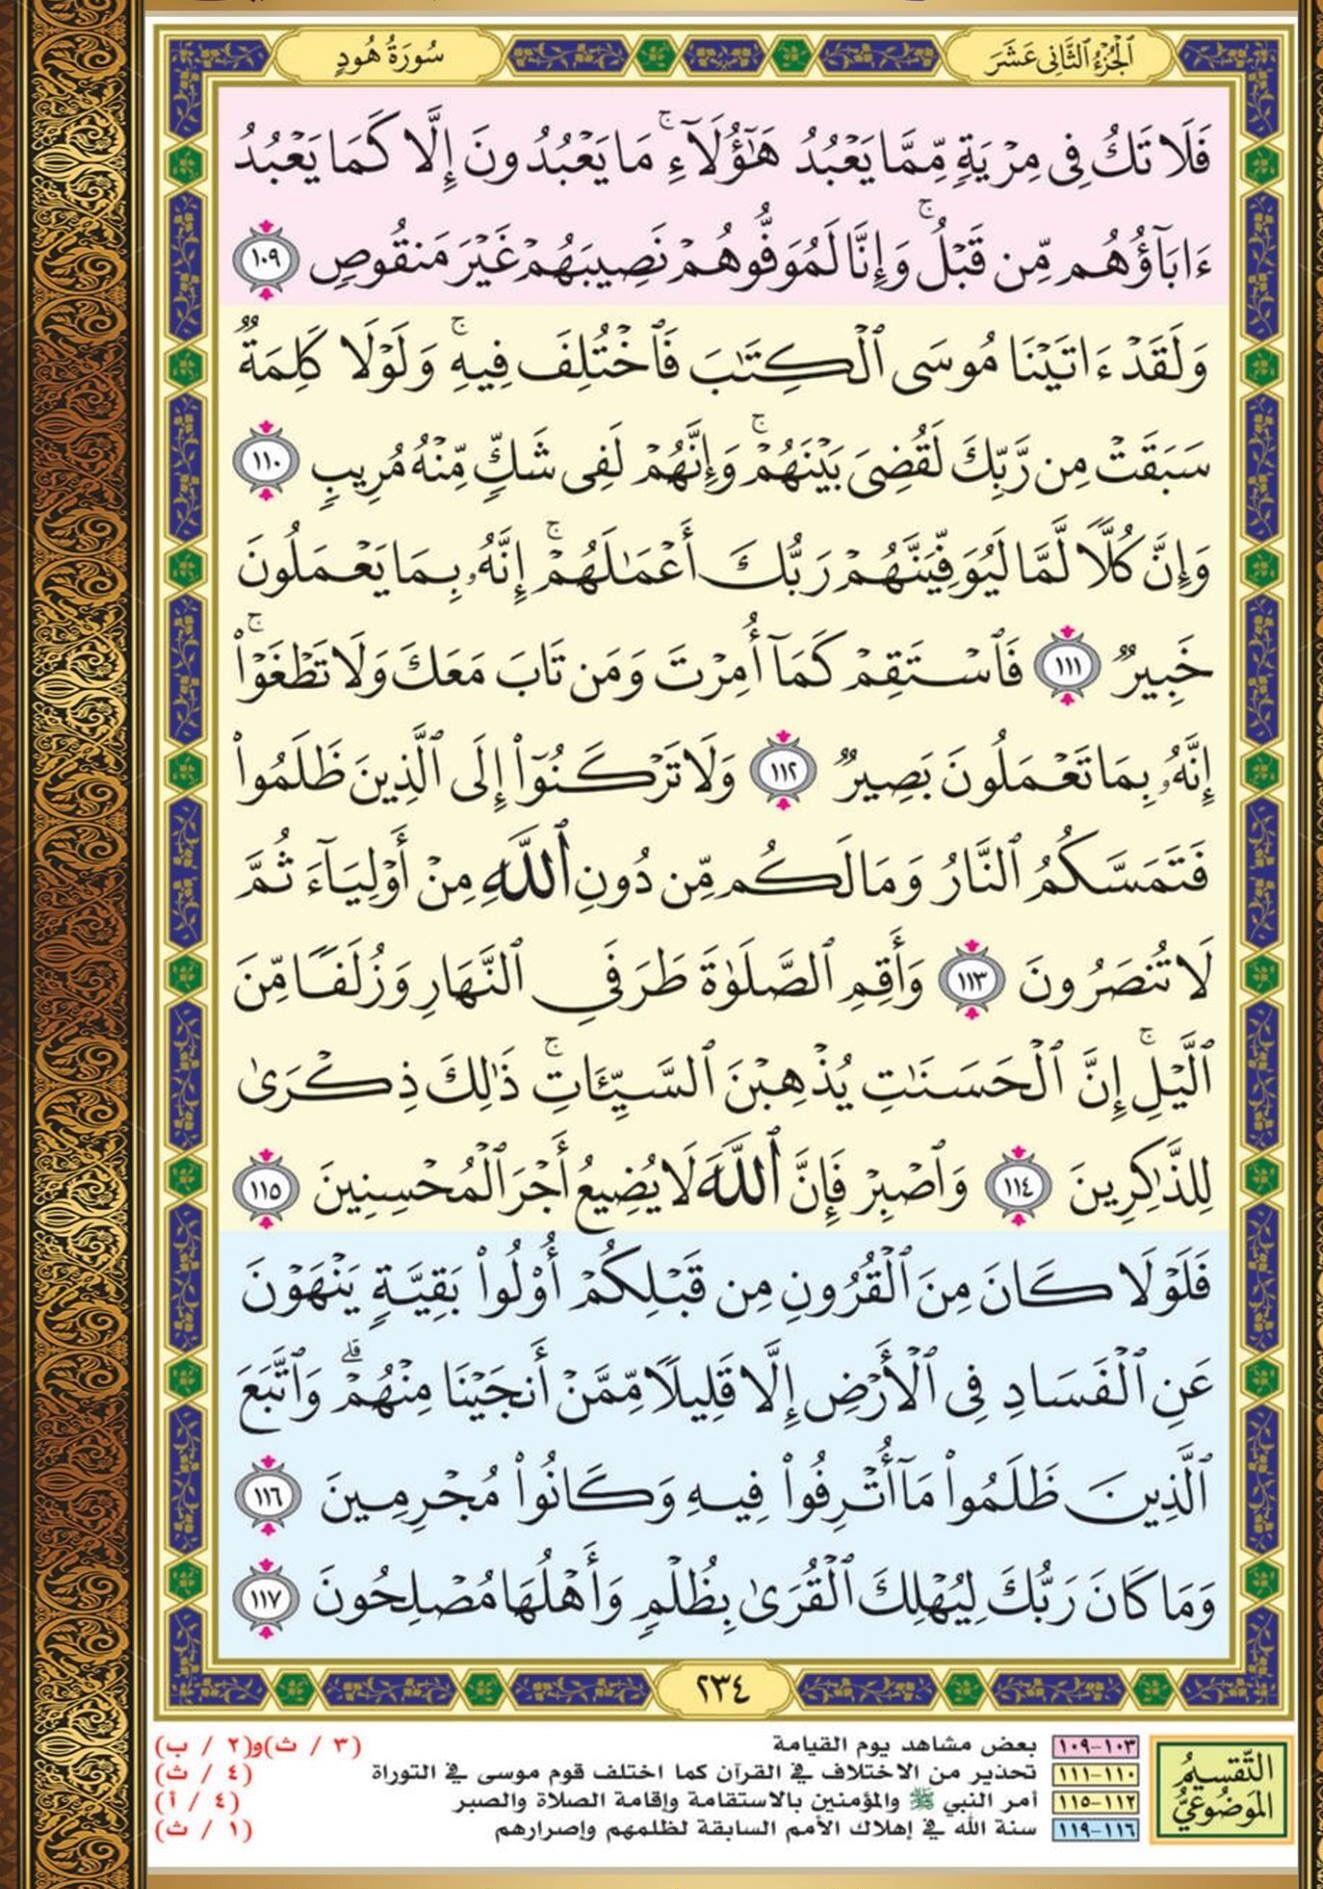 ١٠٩ ١١٧ هود مصحف التقسيم الموضوعي Holy Quran Book Quran Book Quran Verses